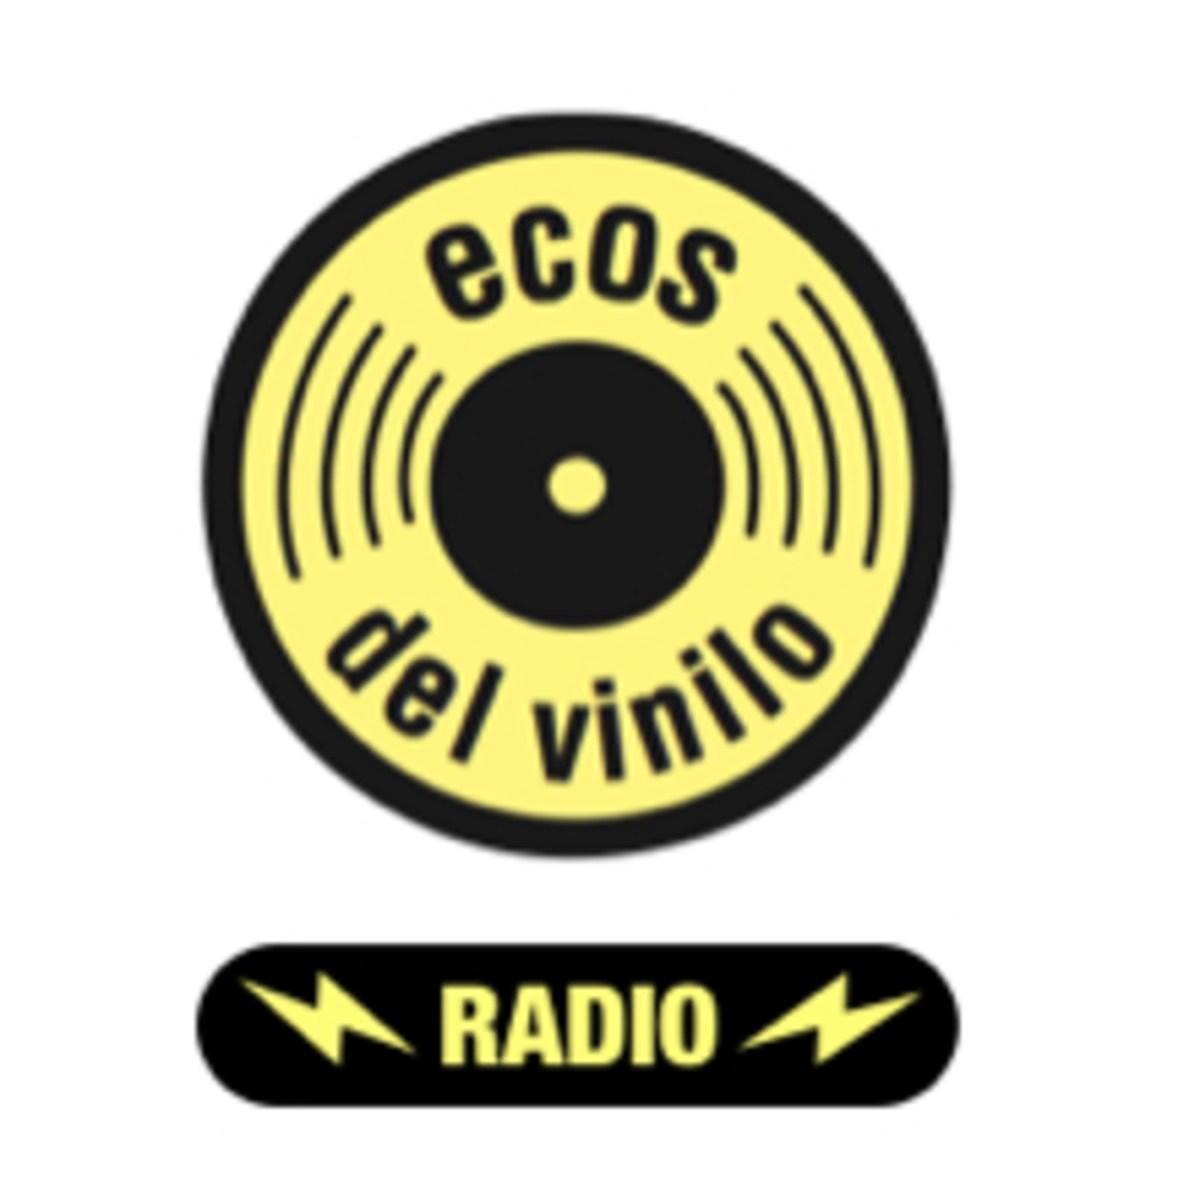 Ecos del Vinilo Radio